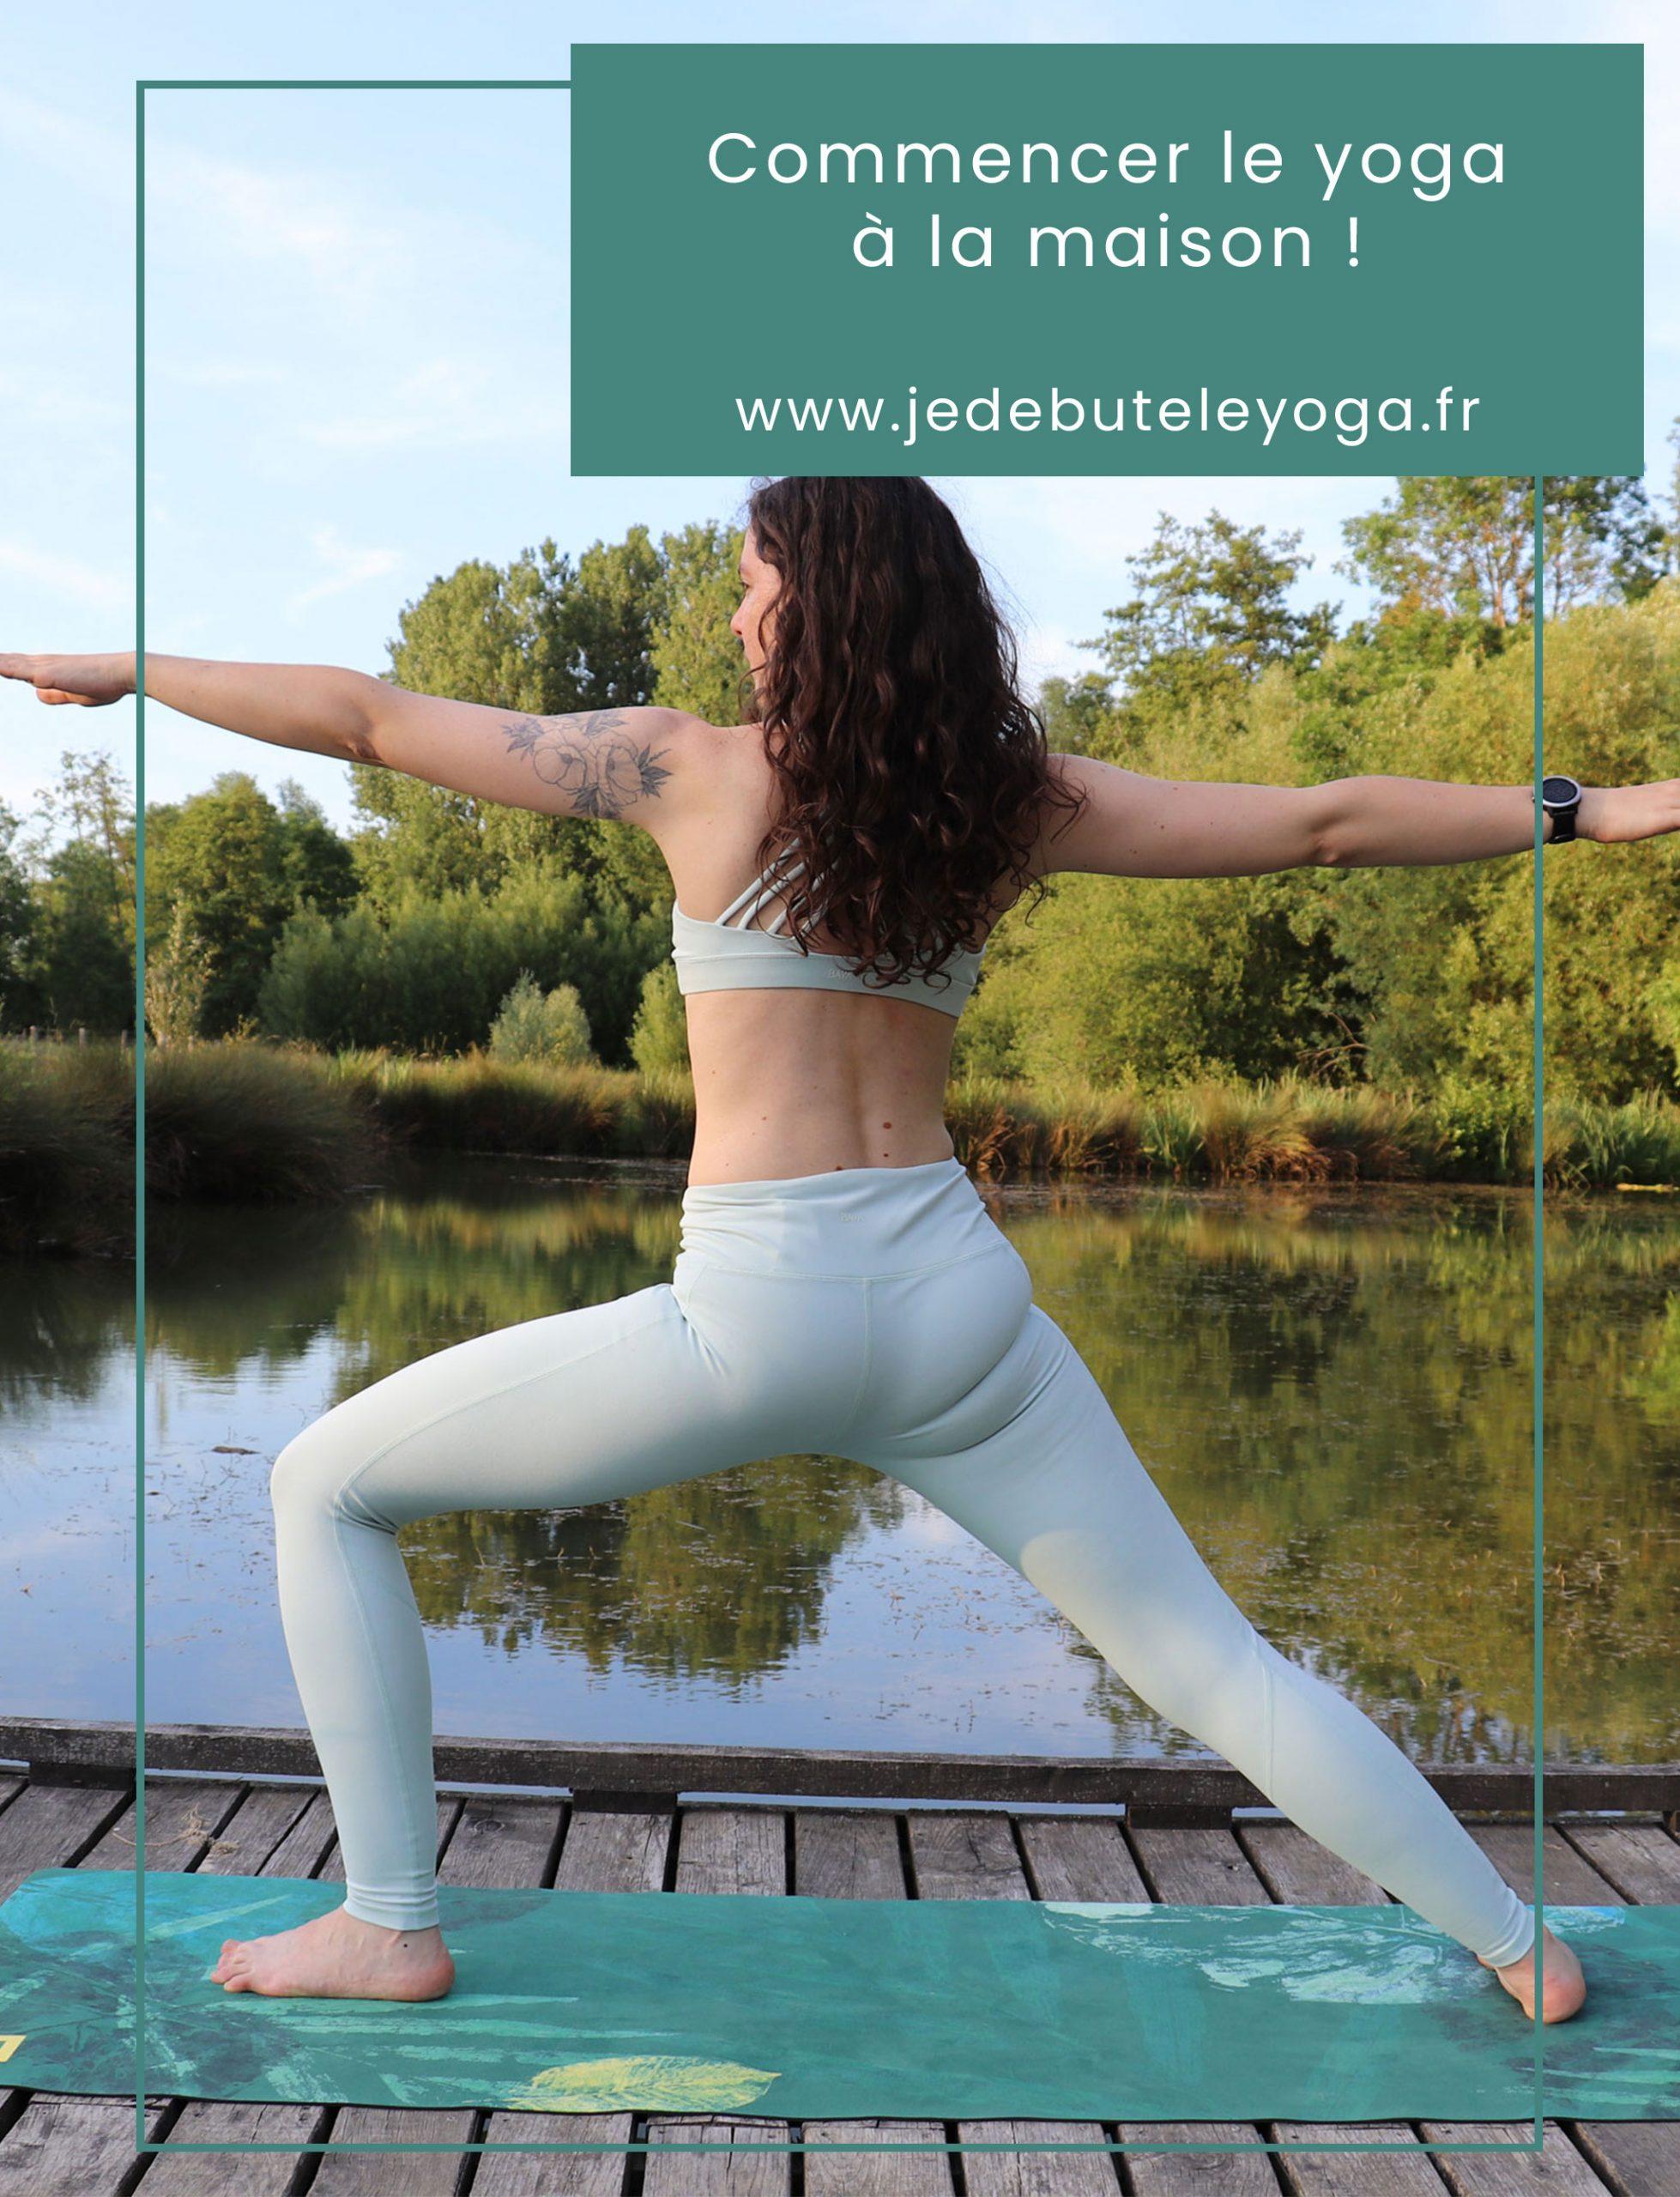 Commencer le yoga tout seul